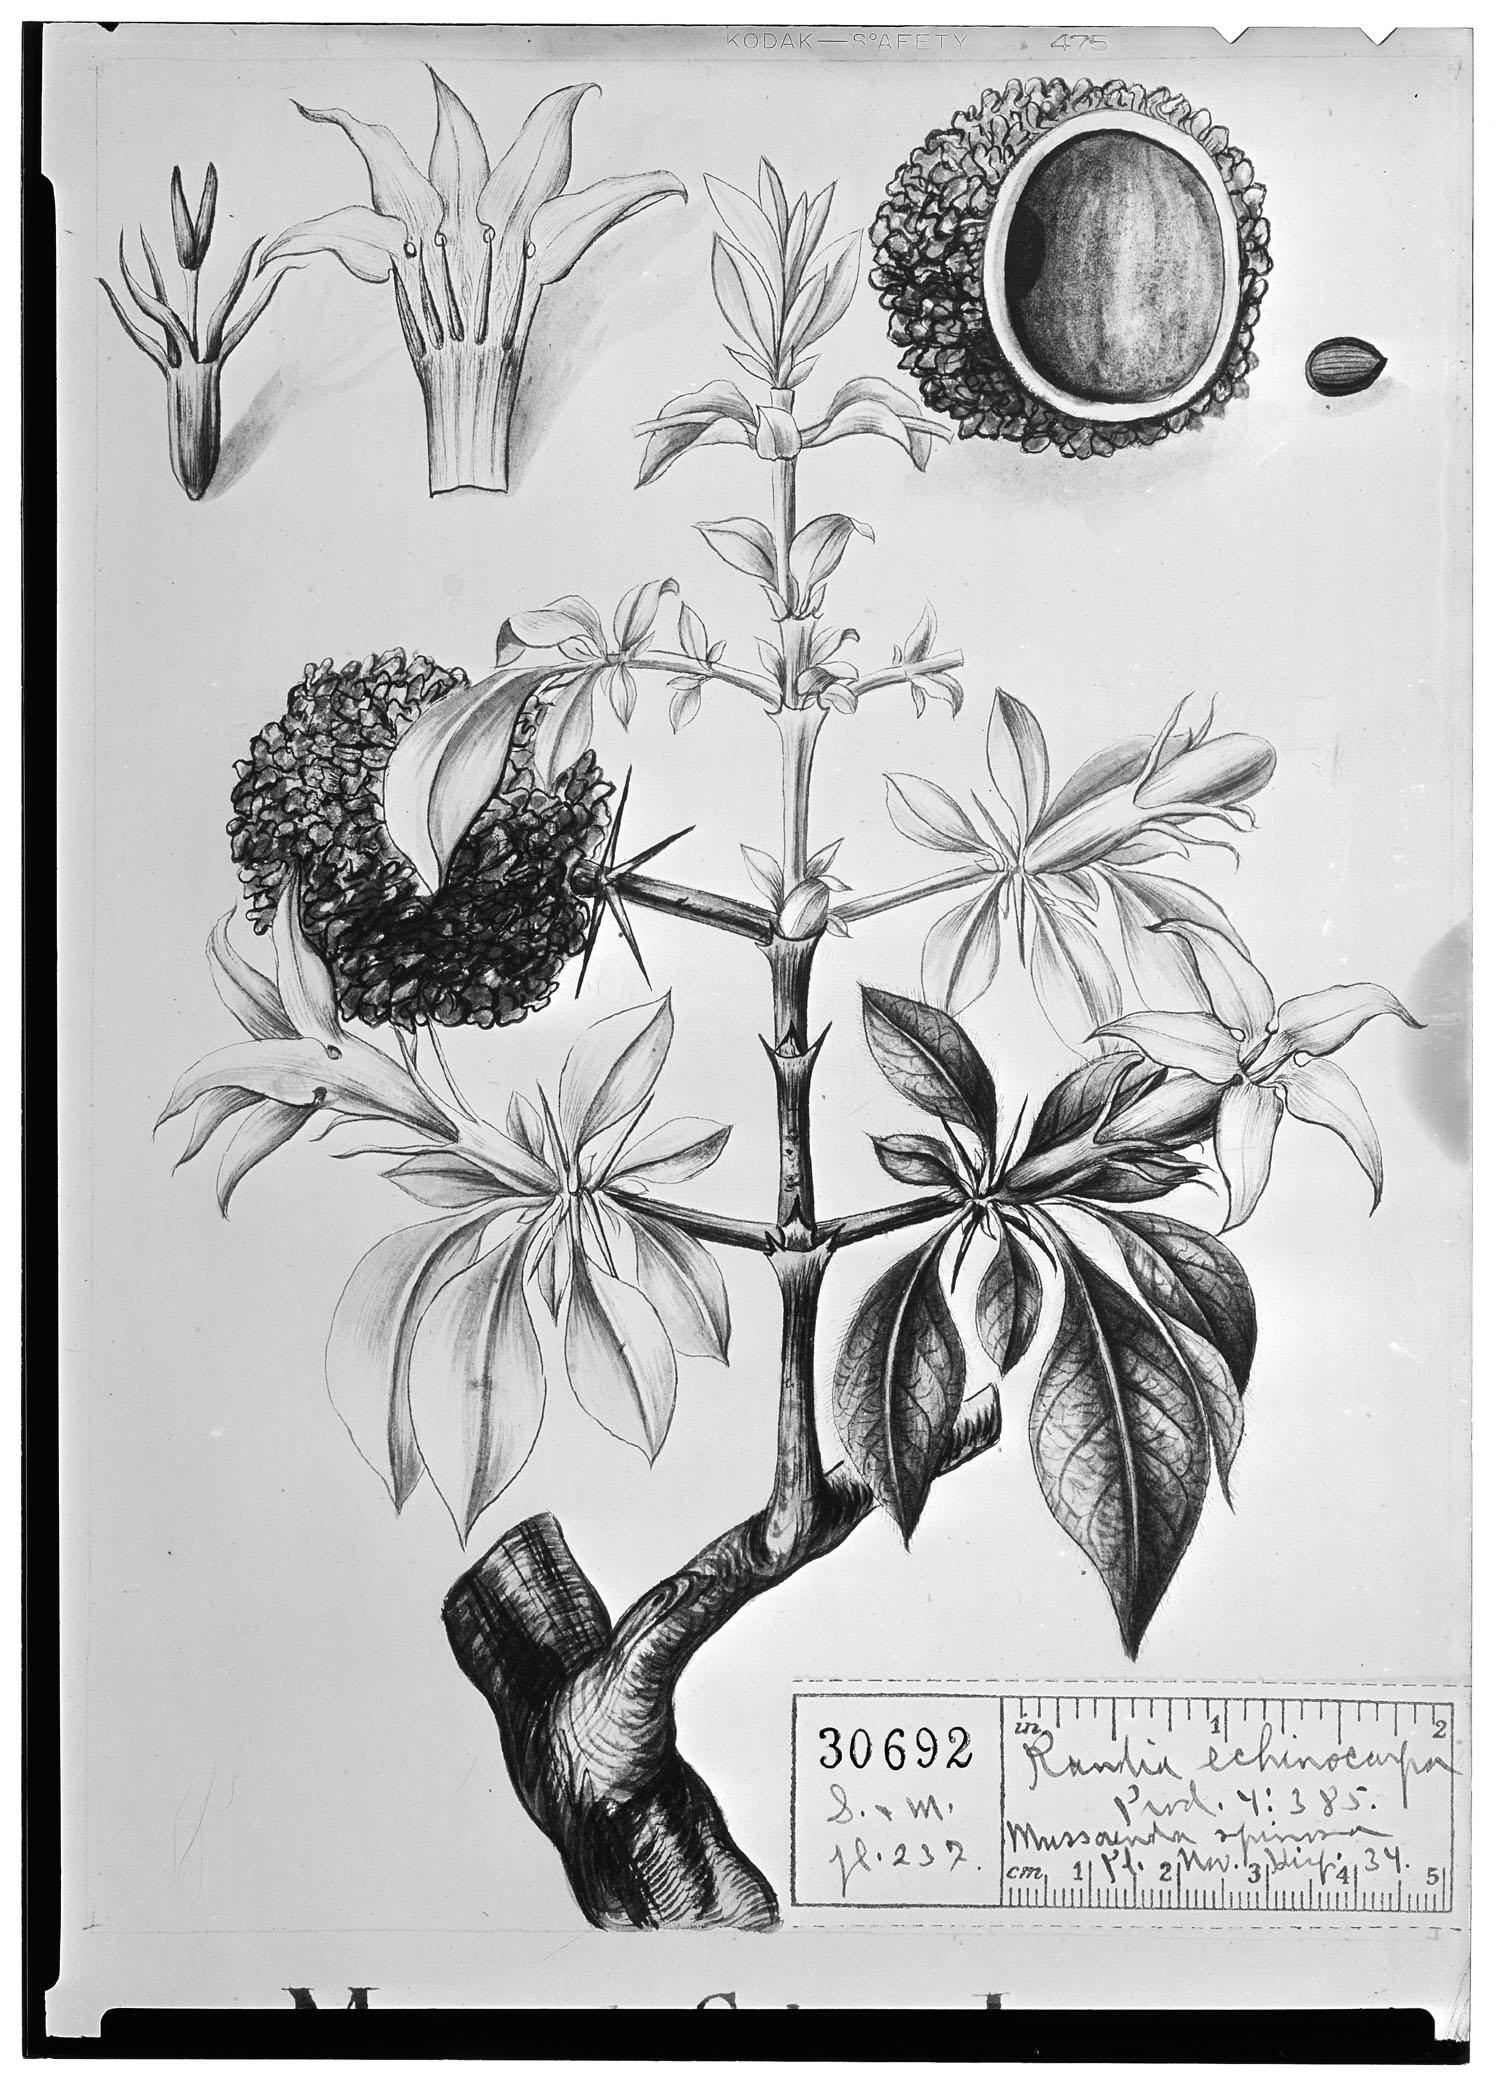 Randia echinocarpa image